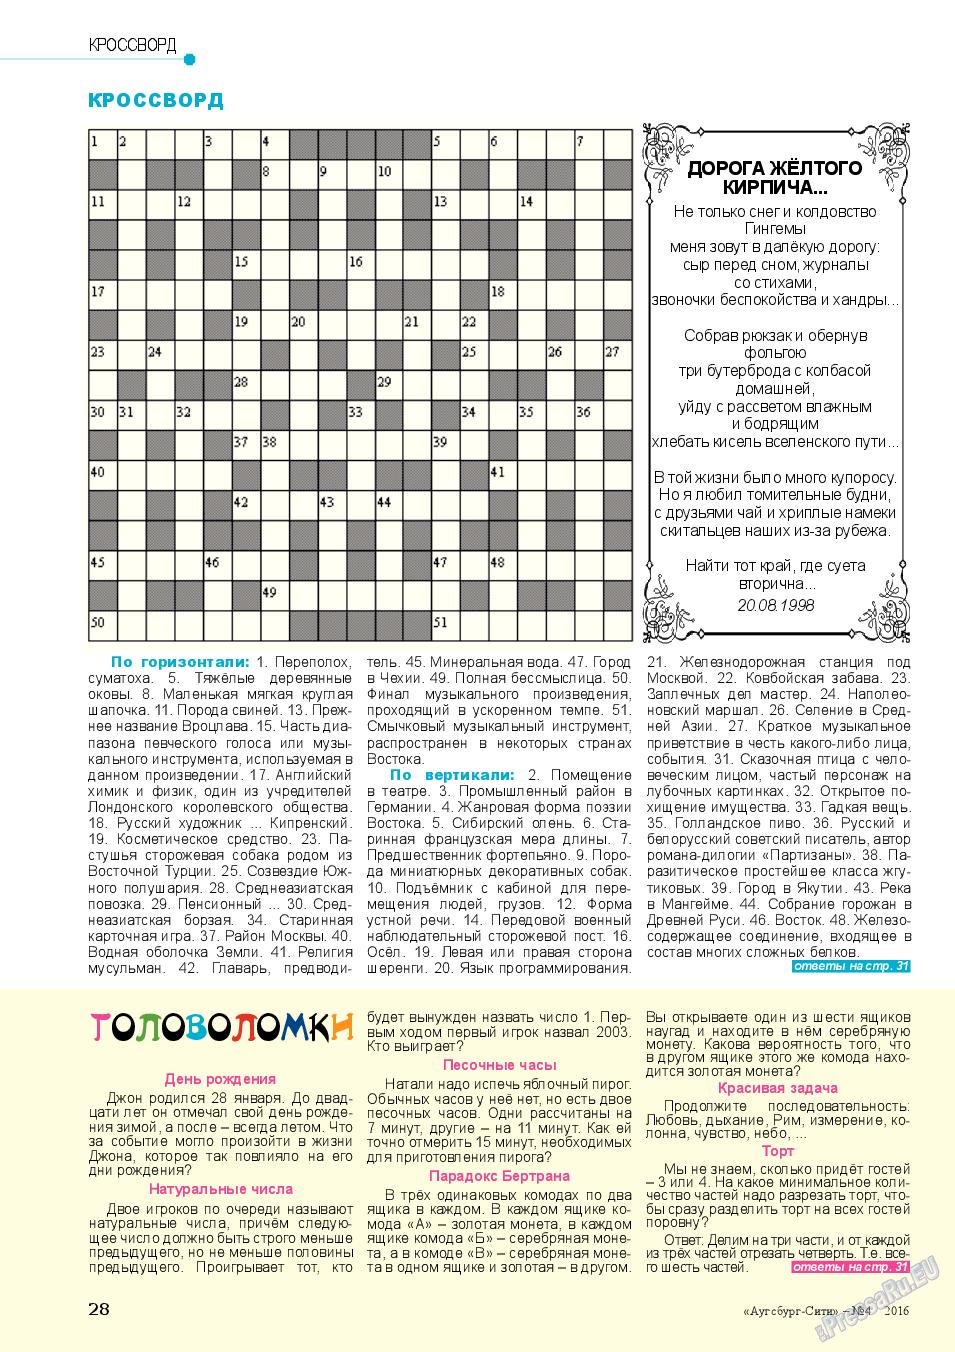 Аугсбург-сити (журнал). 2016 год, номер 4, стр. 28